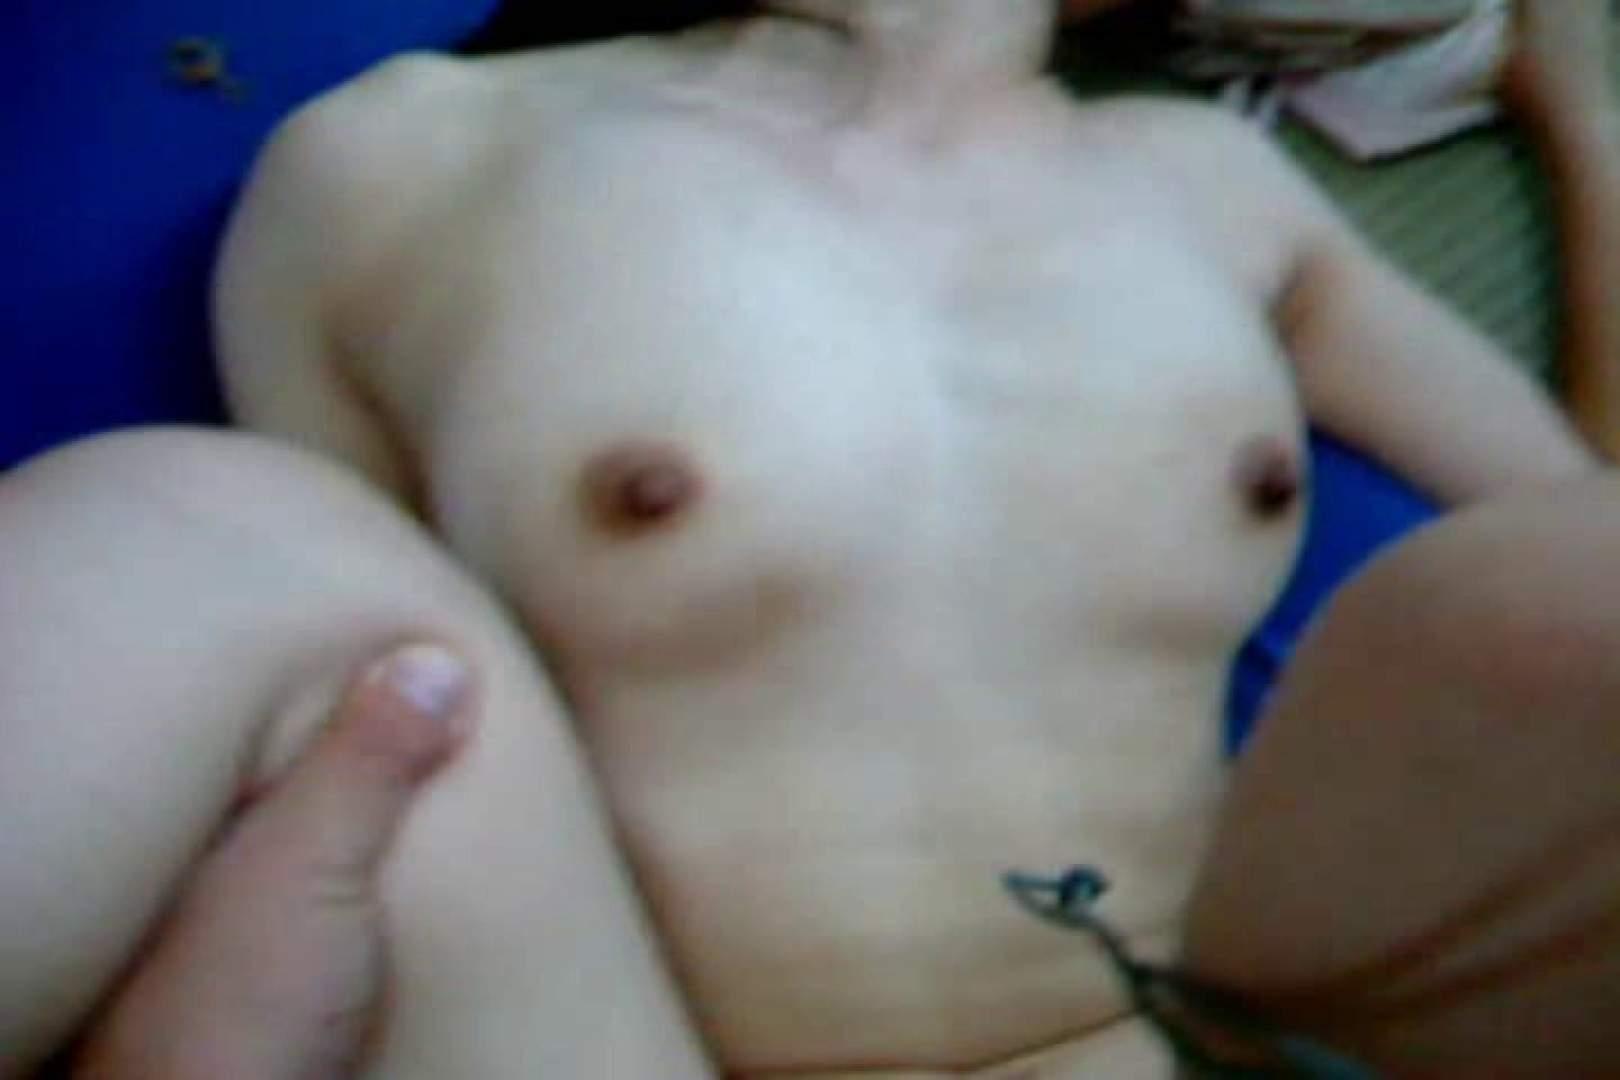 ウイルス流出 鹿児島県庁職員 中瀬瀬久成の流出ビデオ 流出作品 | 0  101画像 93